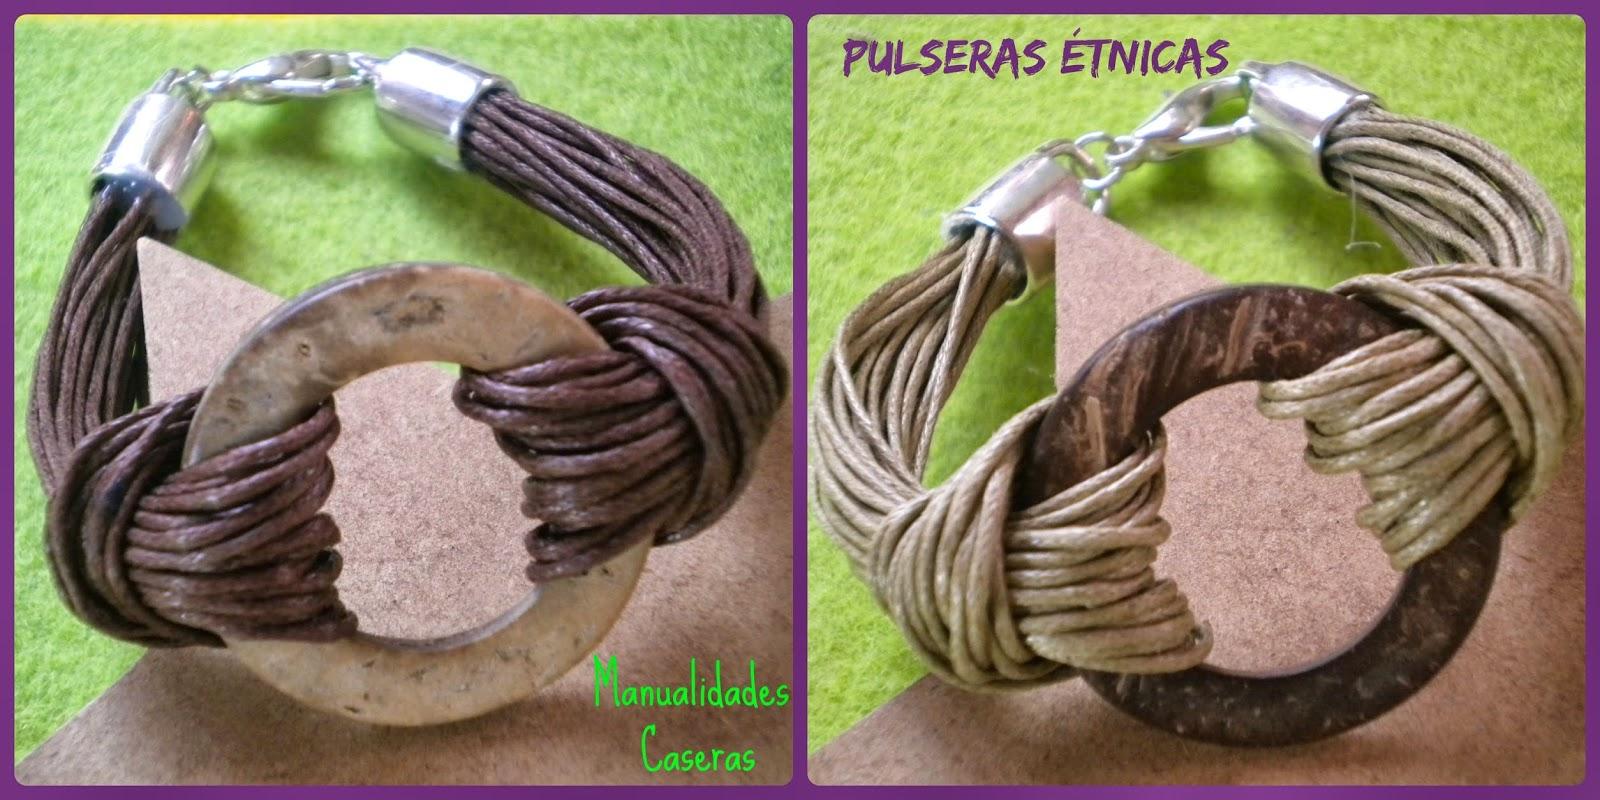 fdb1b790bde9 Pulsera Étnica con piezas de coco  Manualidades Caseras Inma